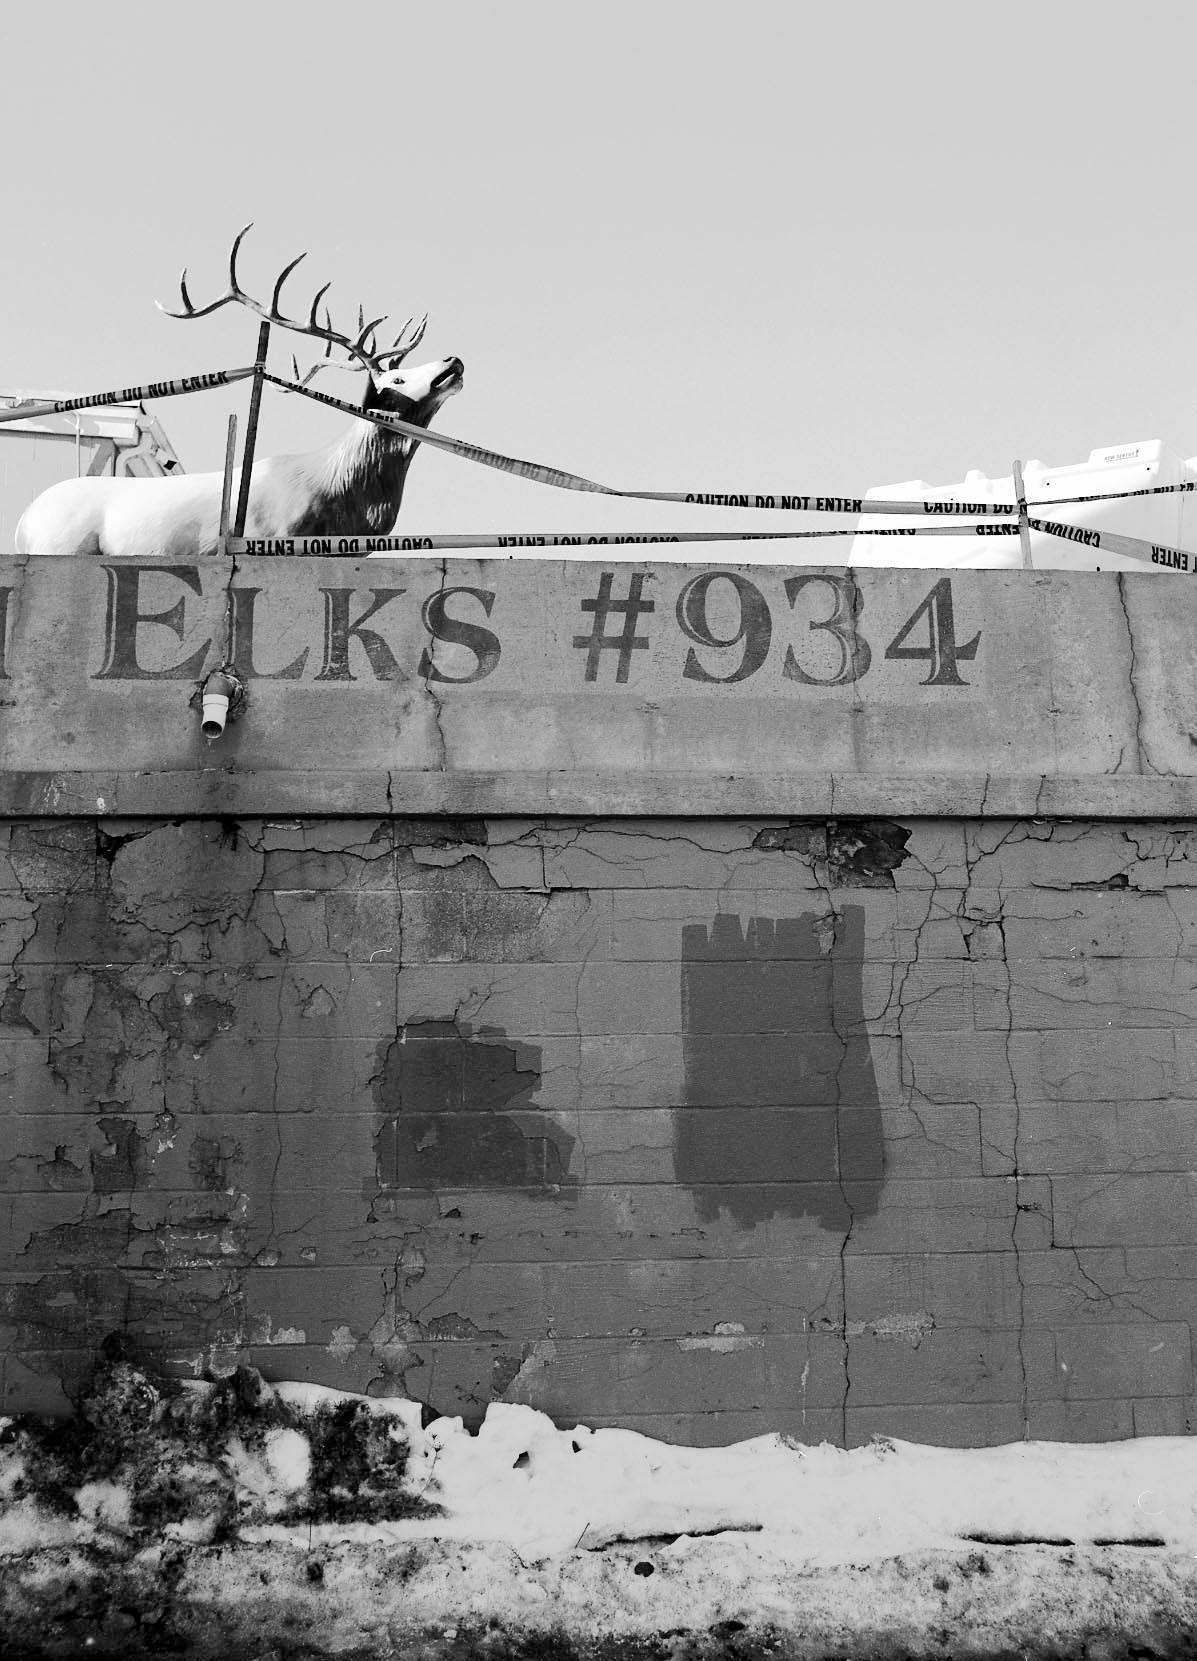 elks, 934